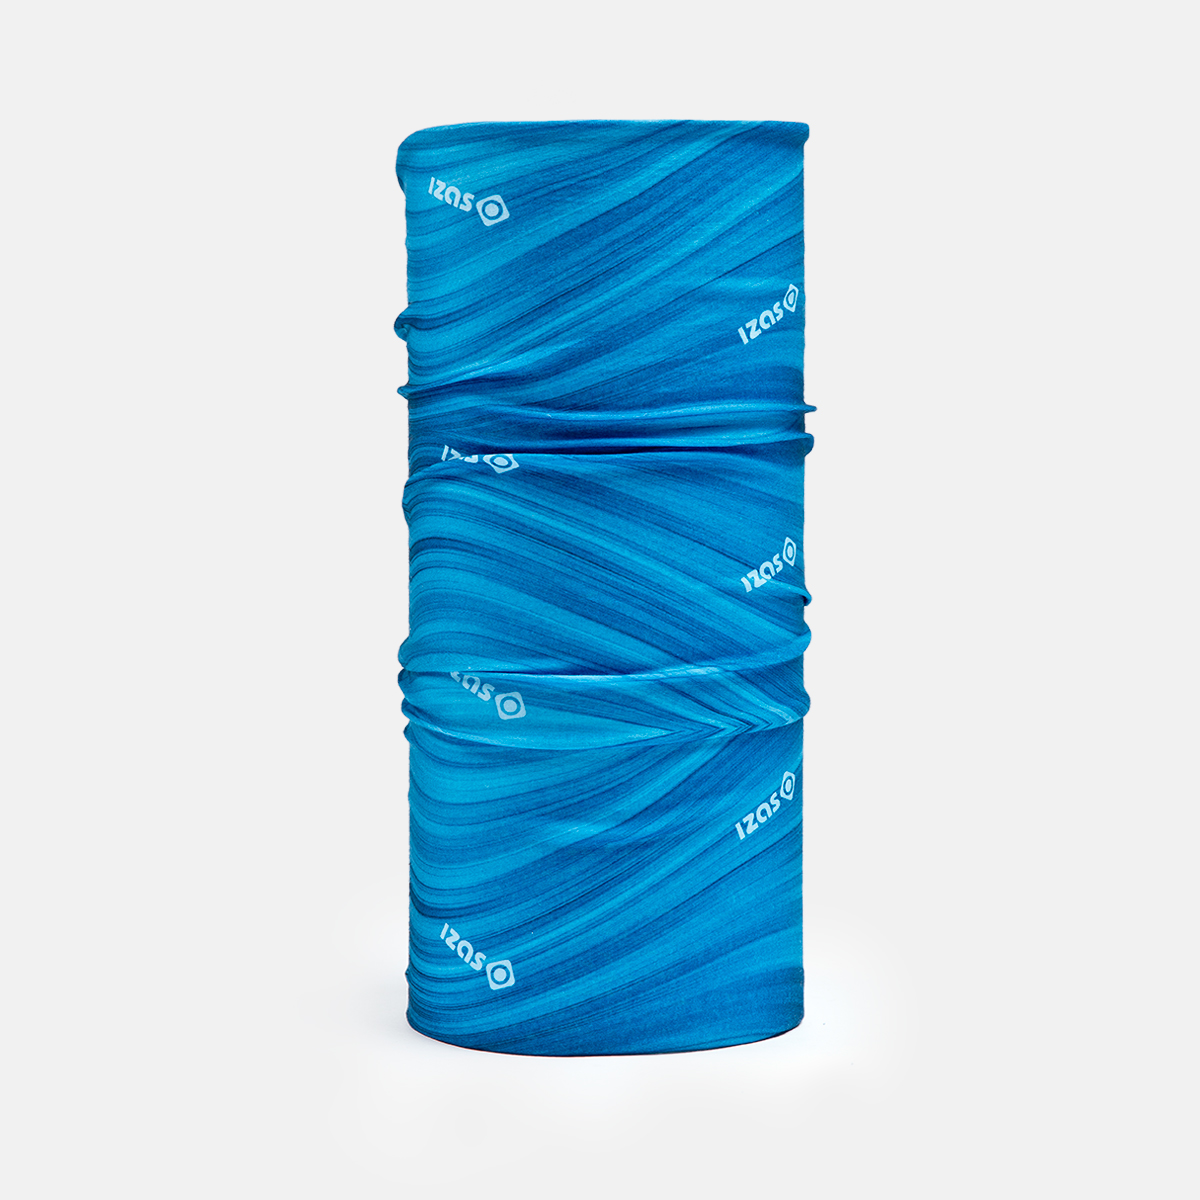 UNISEX'S CARRARA TUBULAR BLUE